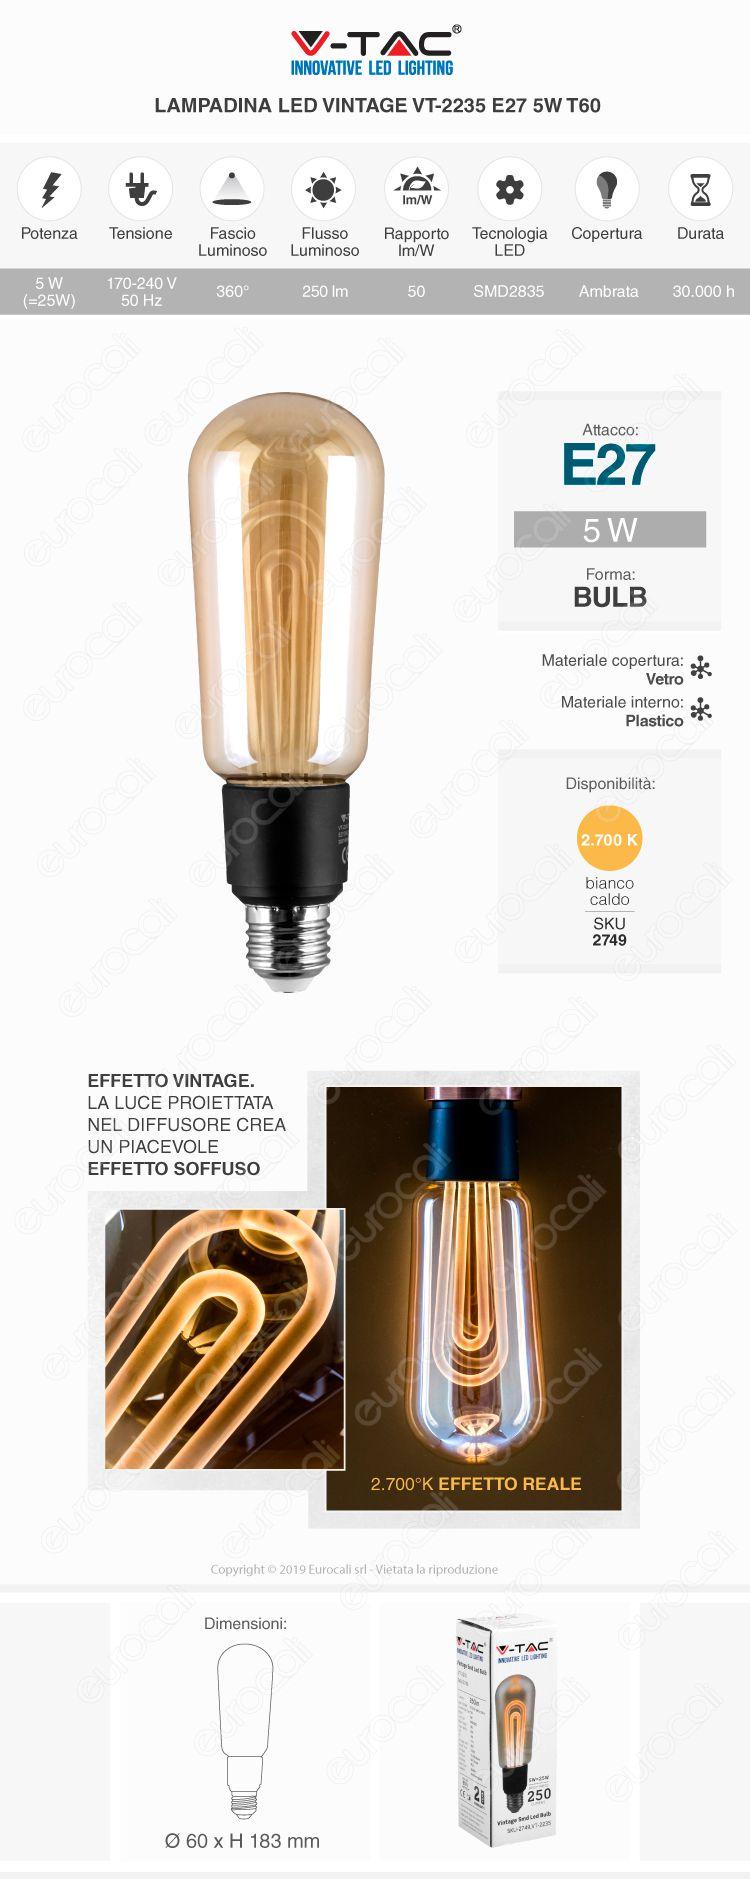 V-Tac VT-2235 Lampadina LED E27 5W Bulb T60 Ambrata